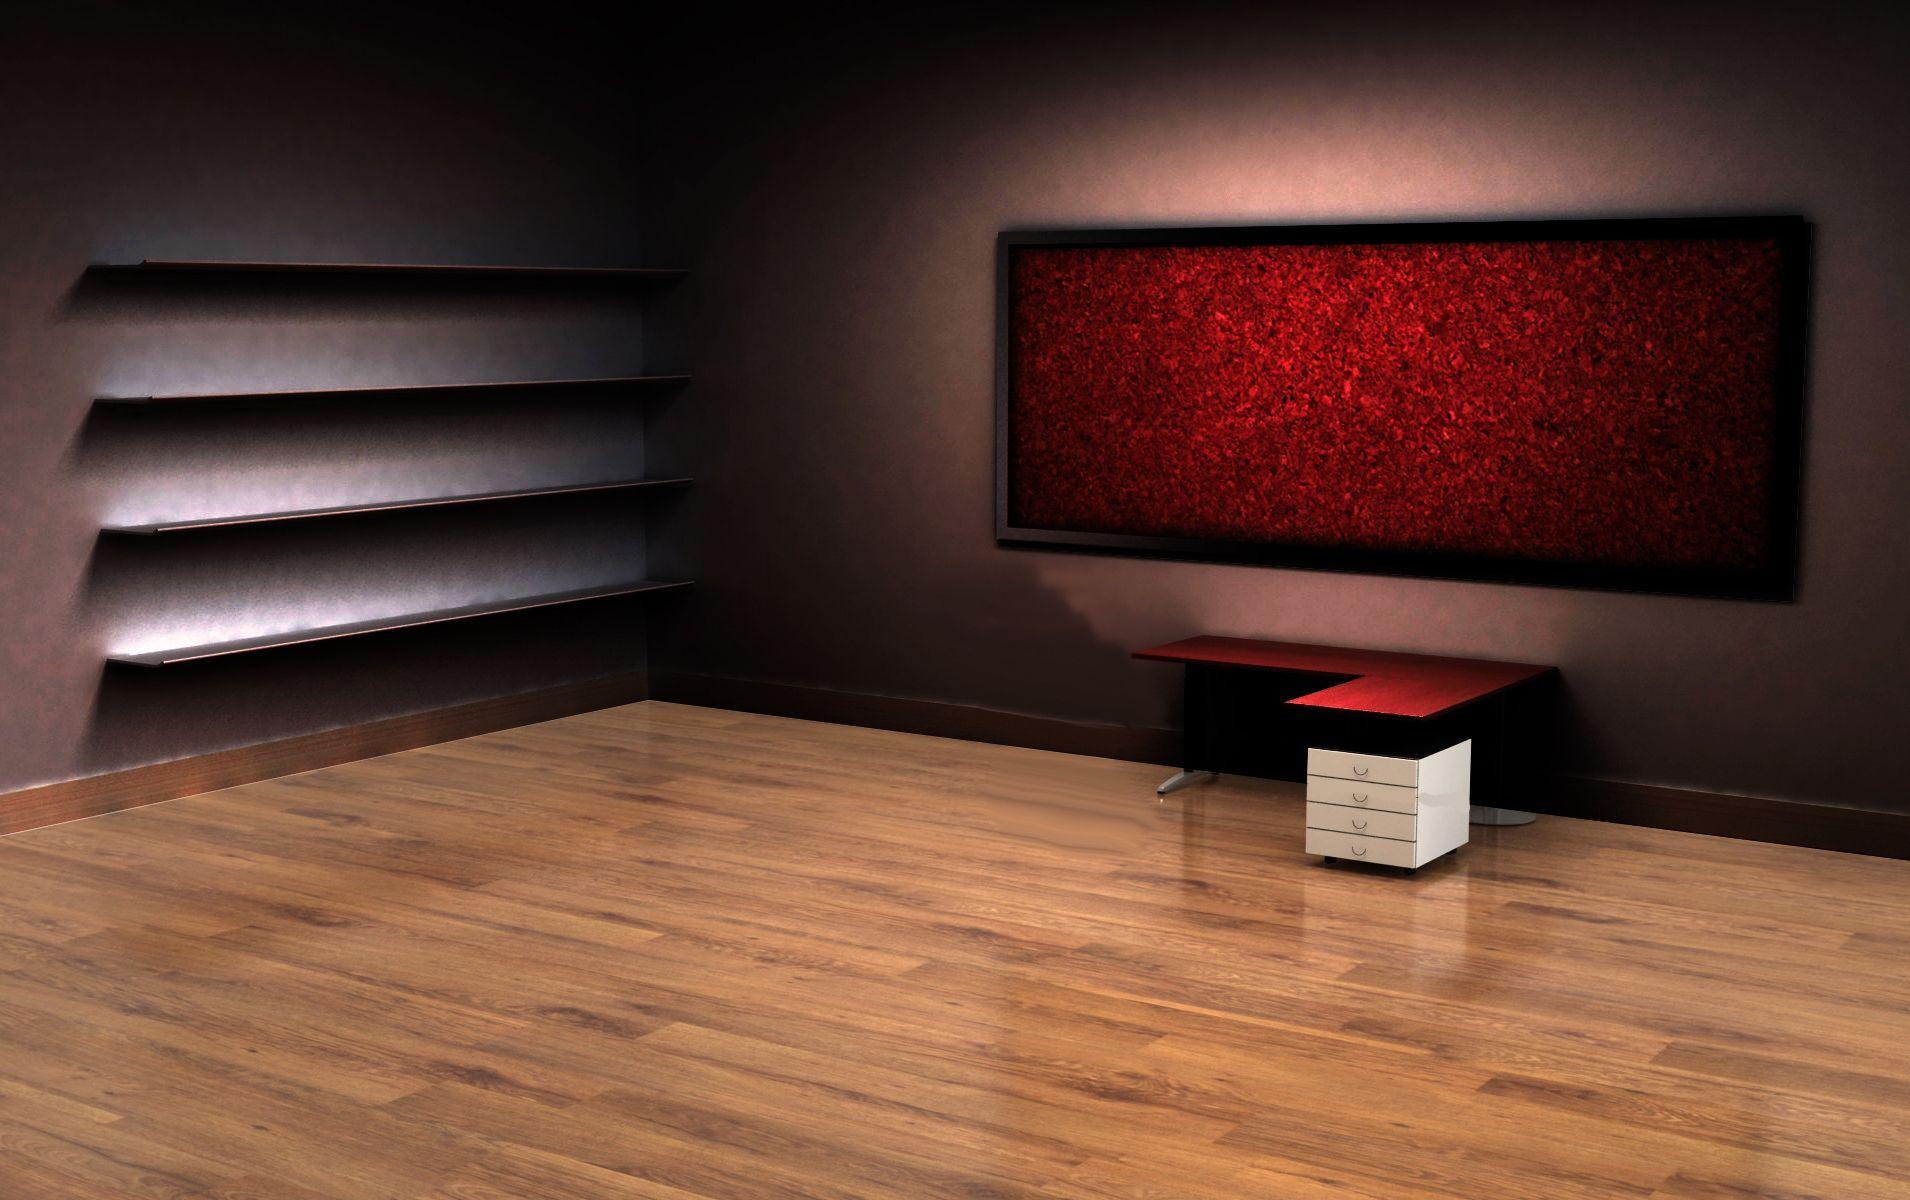 Epic Backrounds Gallery 3d Desktop Wallpaper Desktop Wallpaper Organizer Computer Wallpaper Desktop Wallpapers